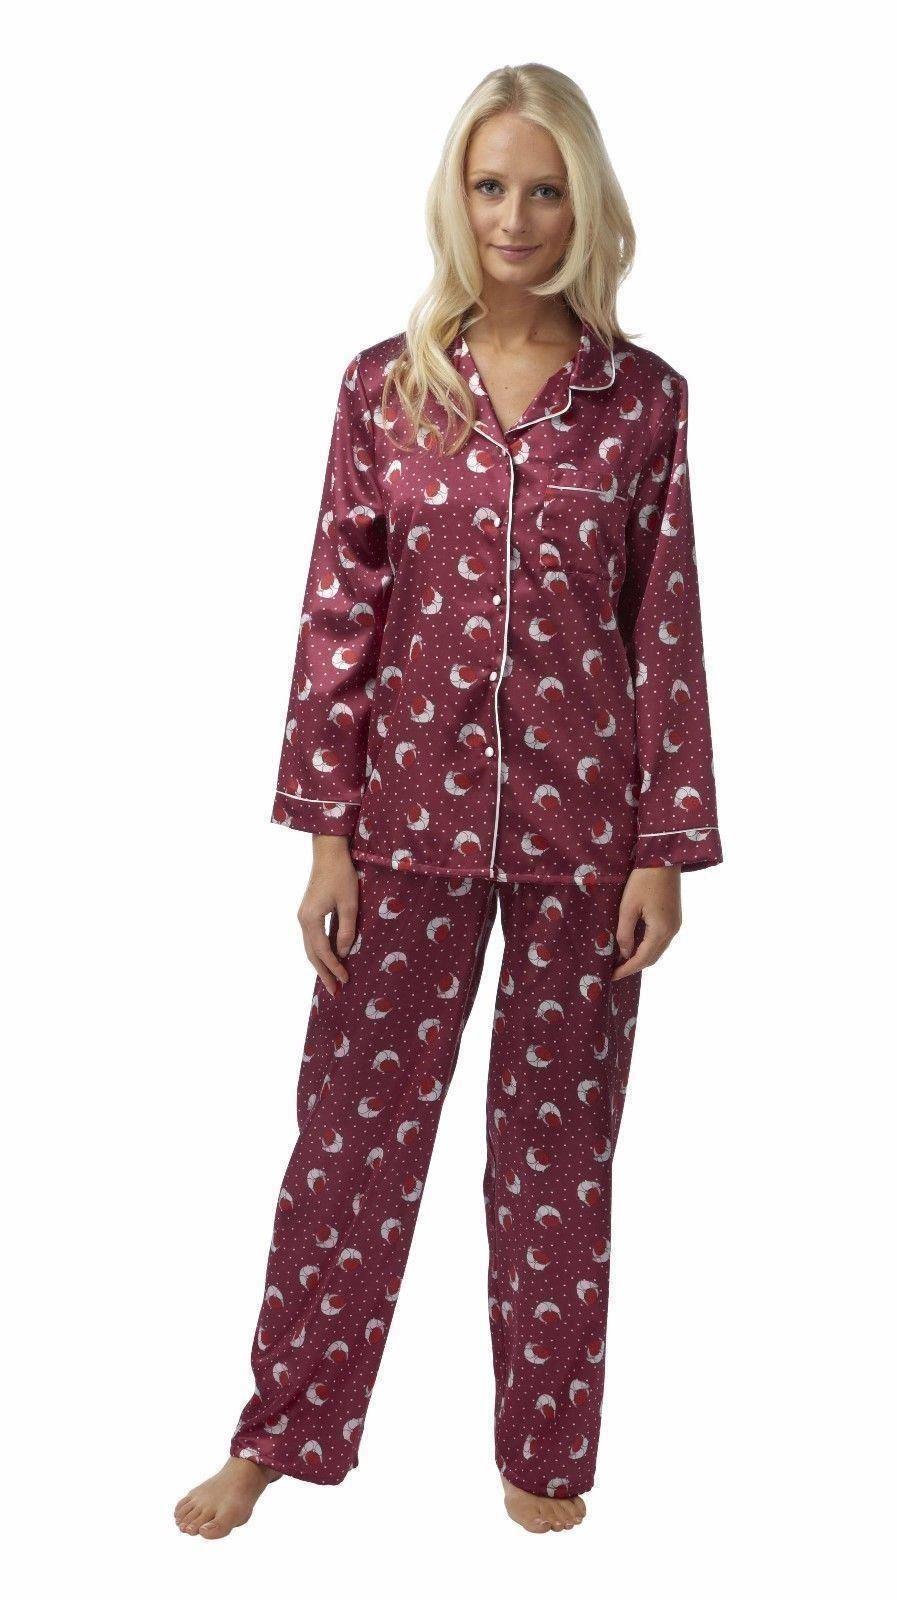 damen pyjama pyjama satin pyjama cuddleskin 42 44 46 48 50. Black Bedroom Furniture Sets. Home Design Ideas